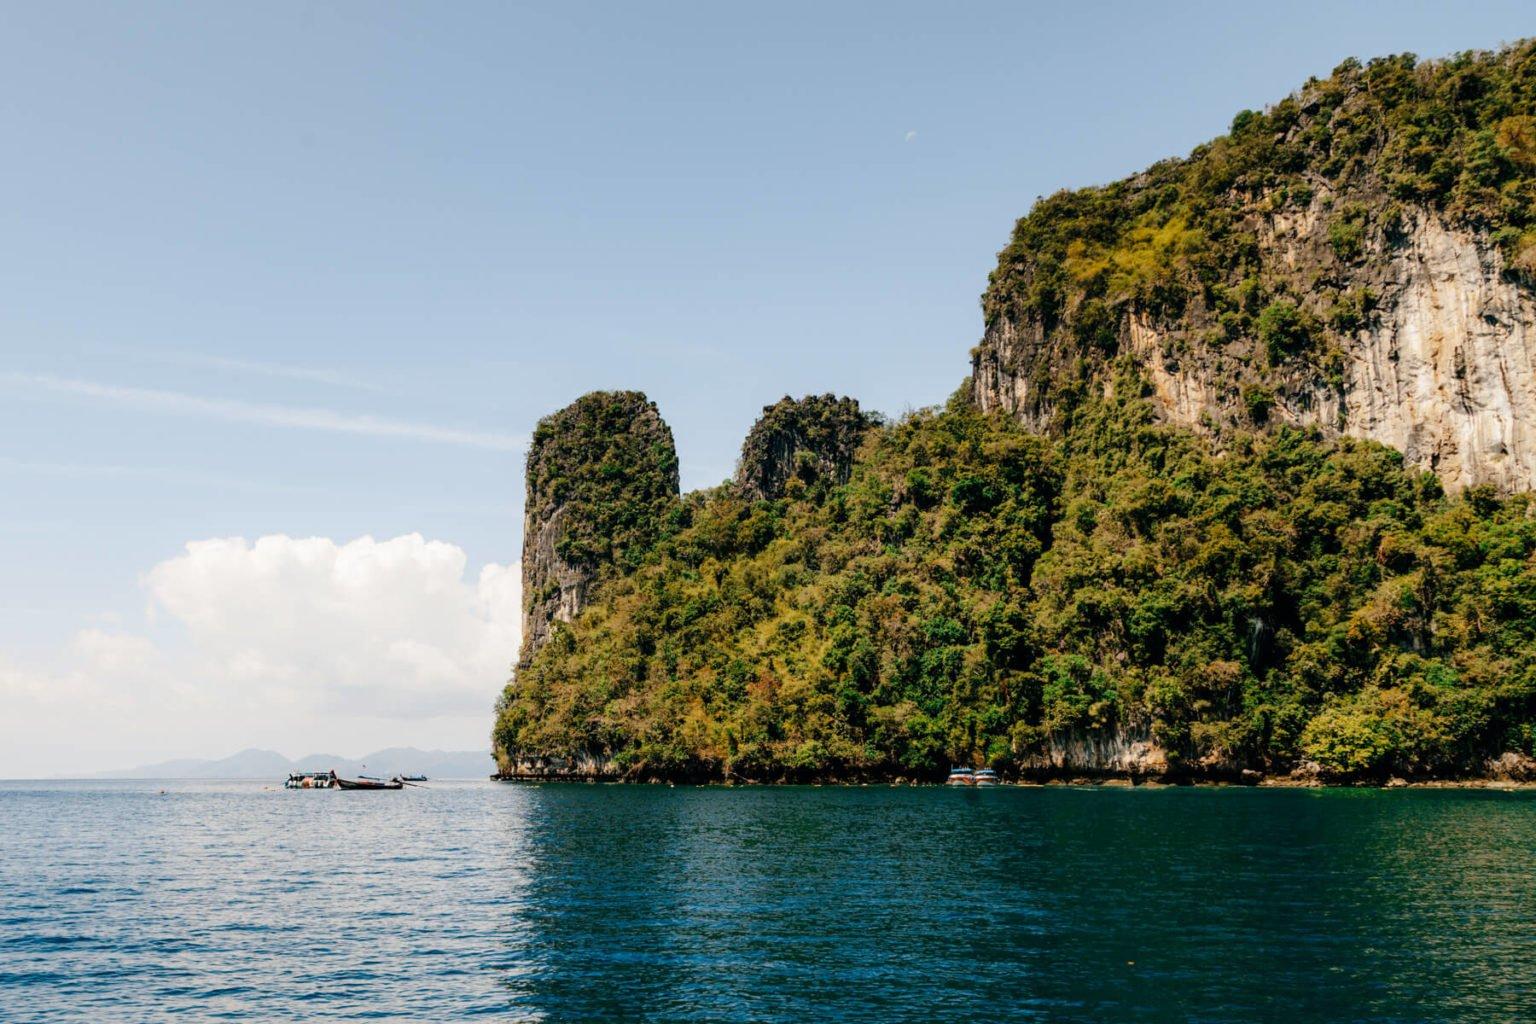 Tour Hong Island: Paredões de calcário